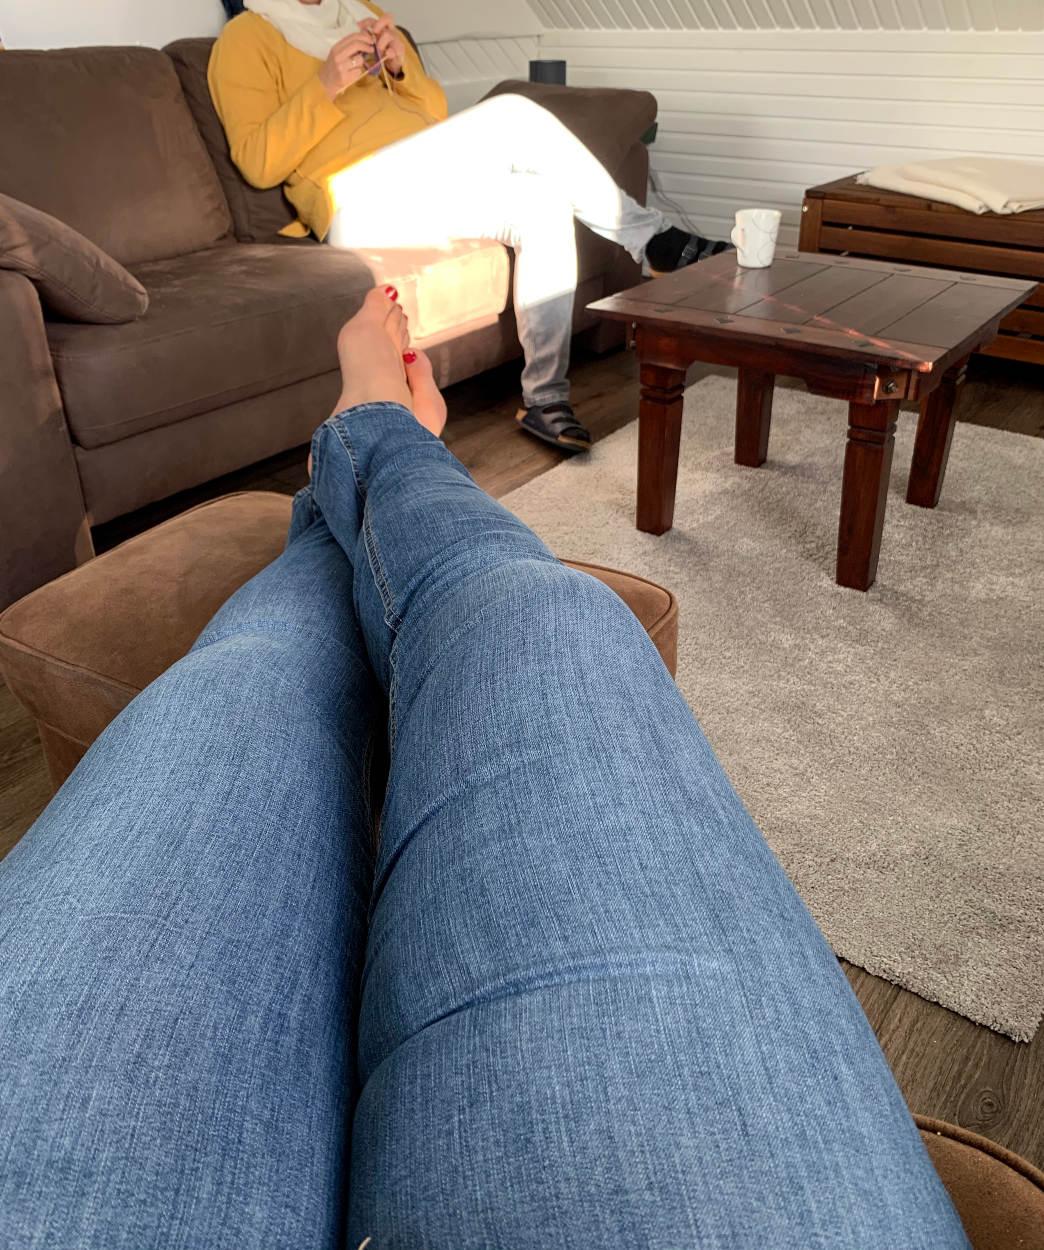 Blick über hoch gelegte Beine in Jeans zu einer strickenden Frau